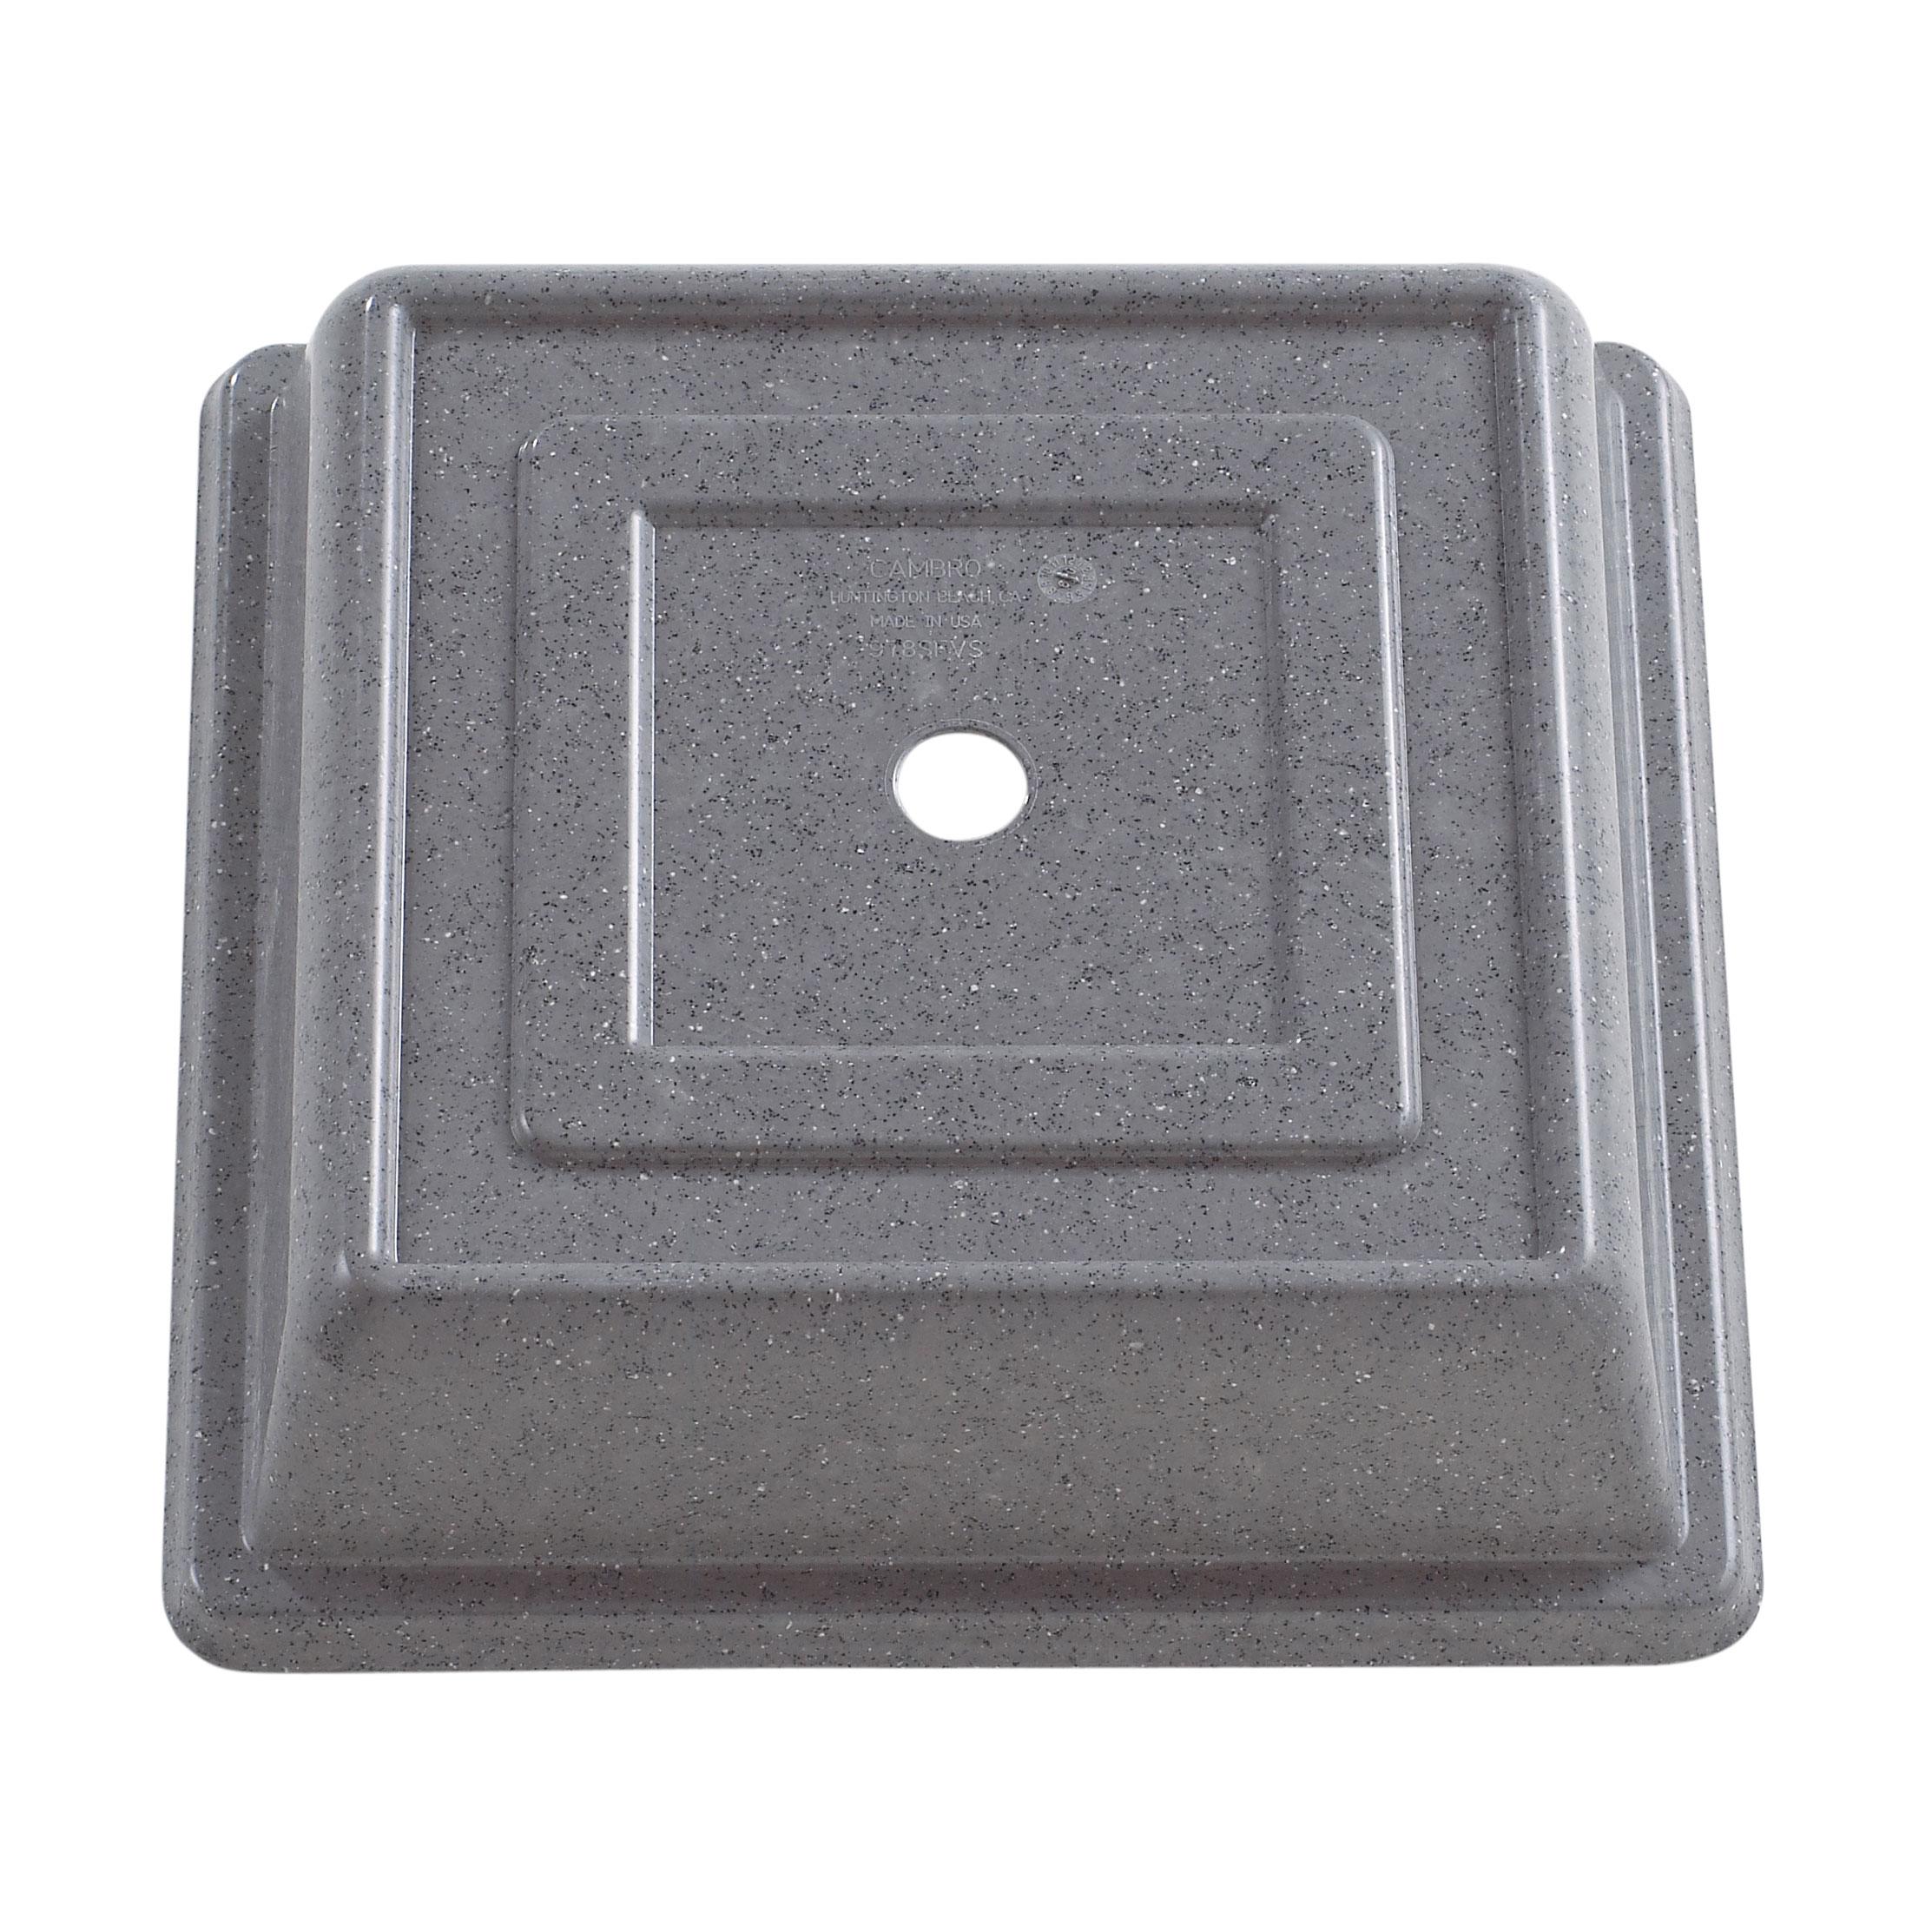 978SFVS191 Cambro plate cover / cloche